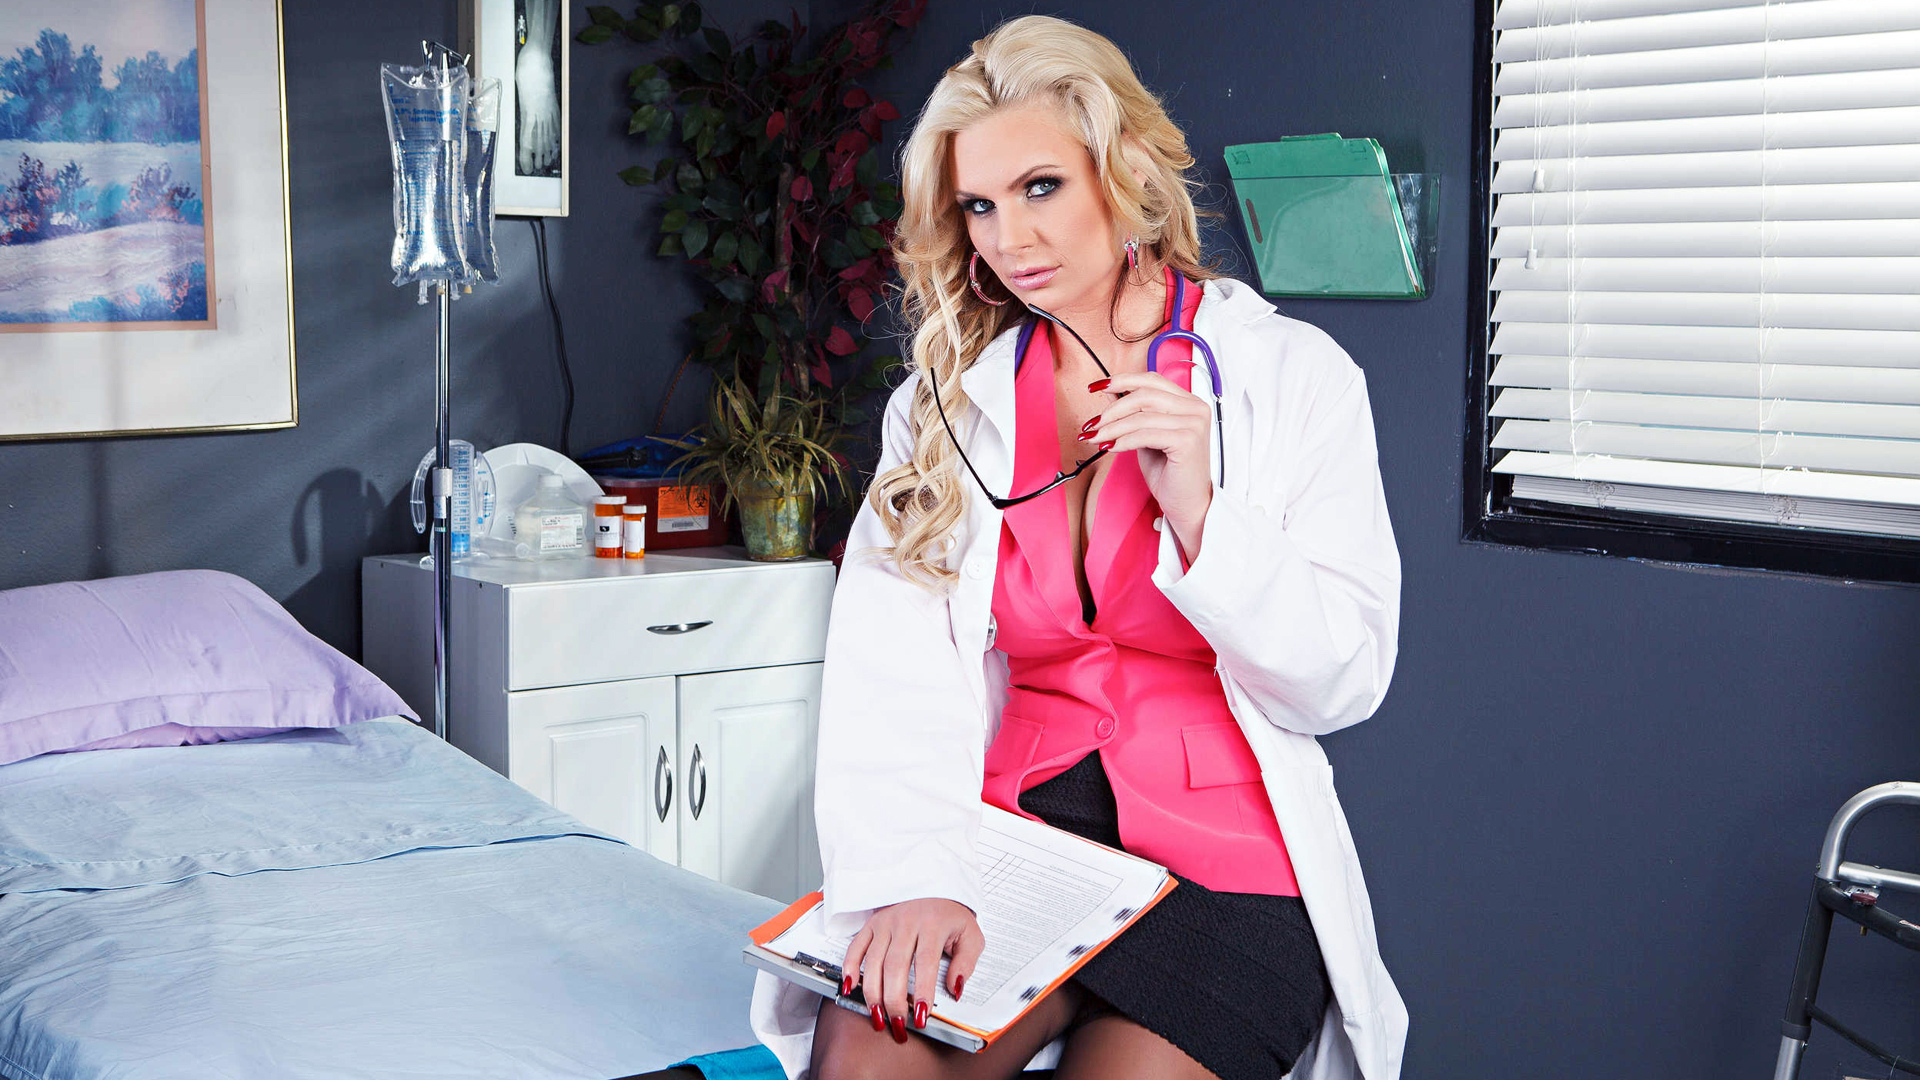 Dr Assburn